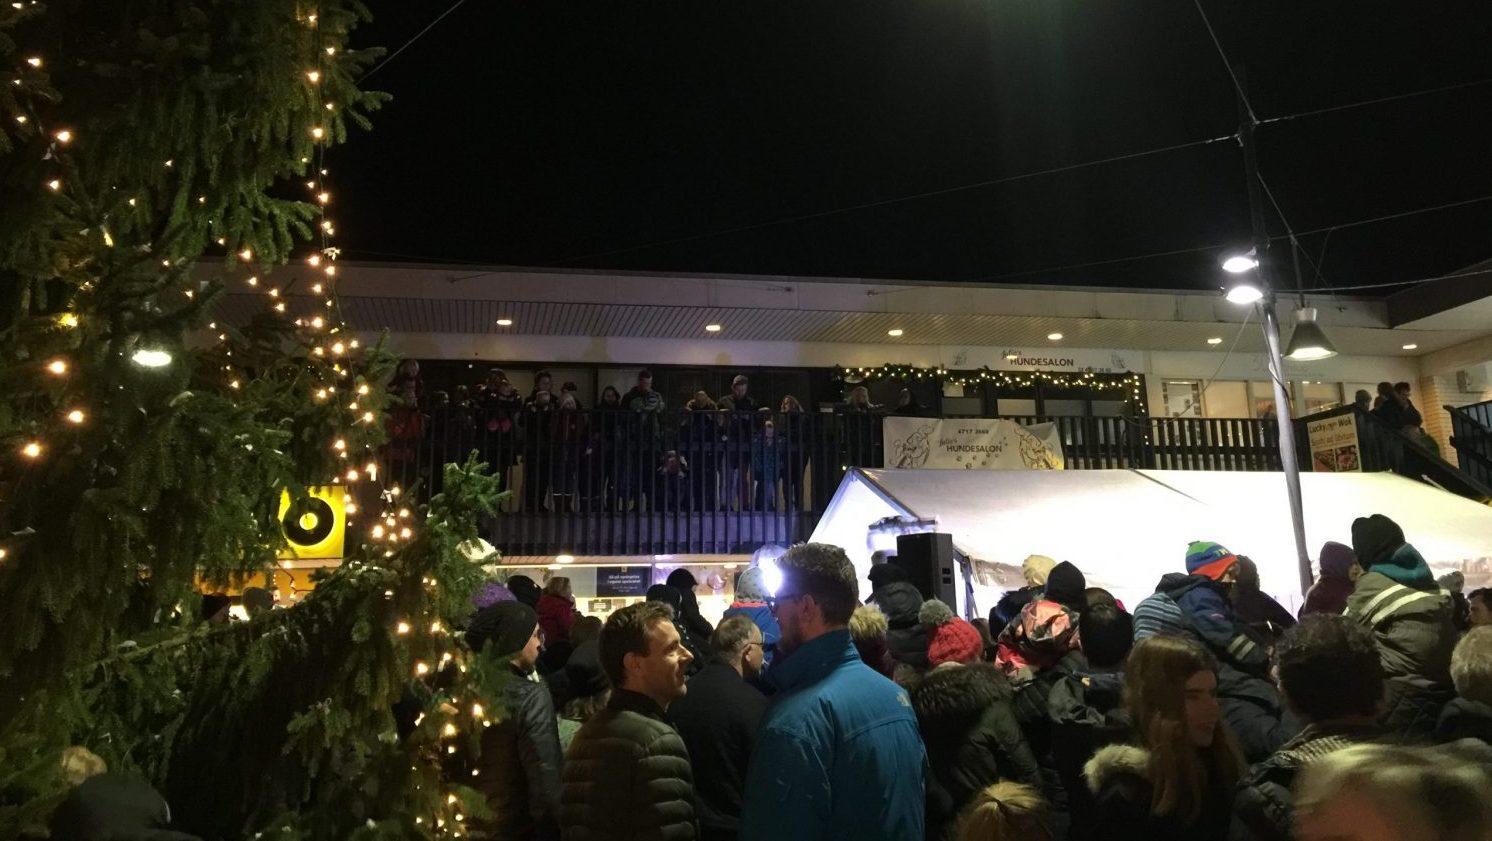 Juletræet tændes i Egedal Centret den 29. november